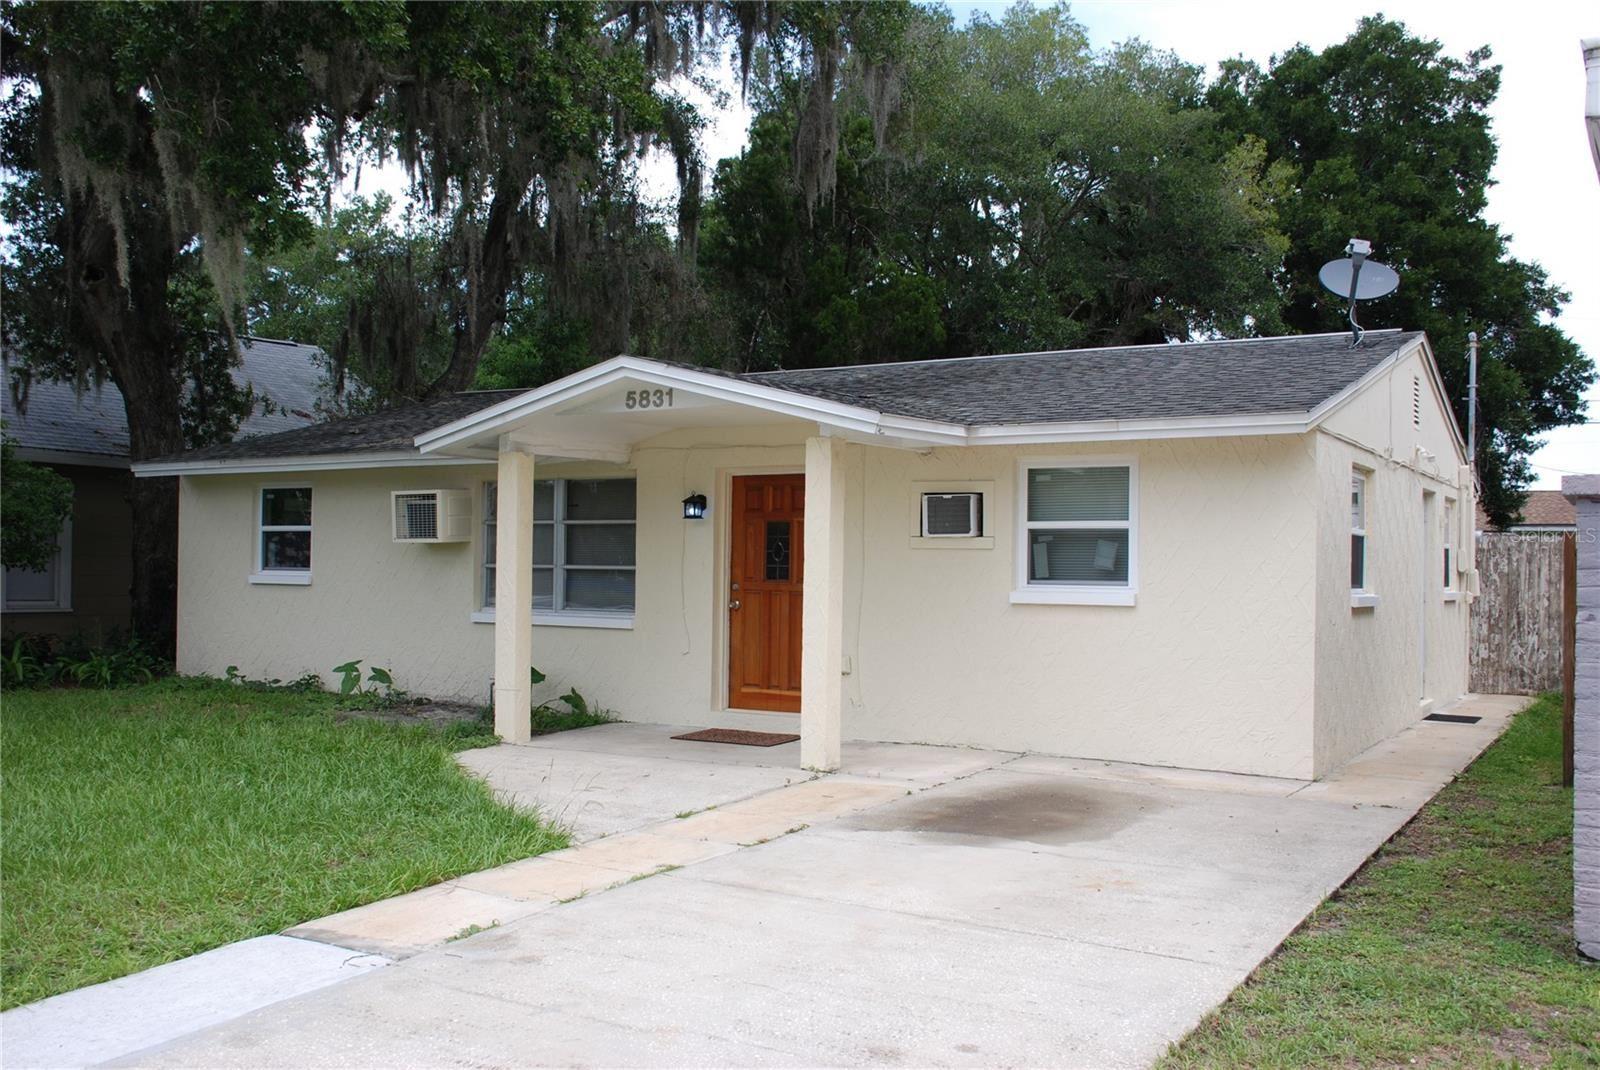 5831 CENTRAL AVENUE, New Port Richey, FL 34652 - #: U8130198